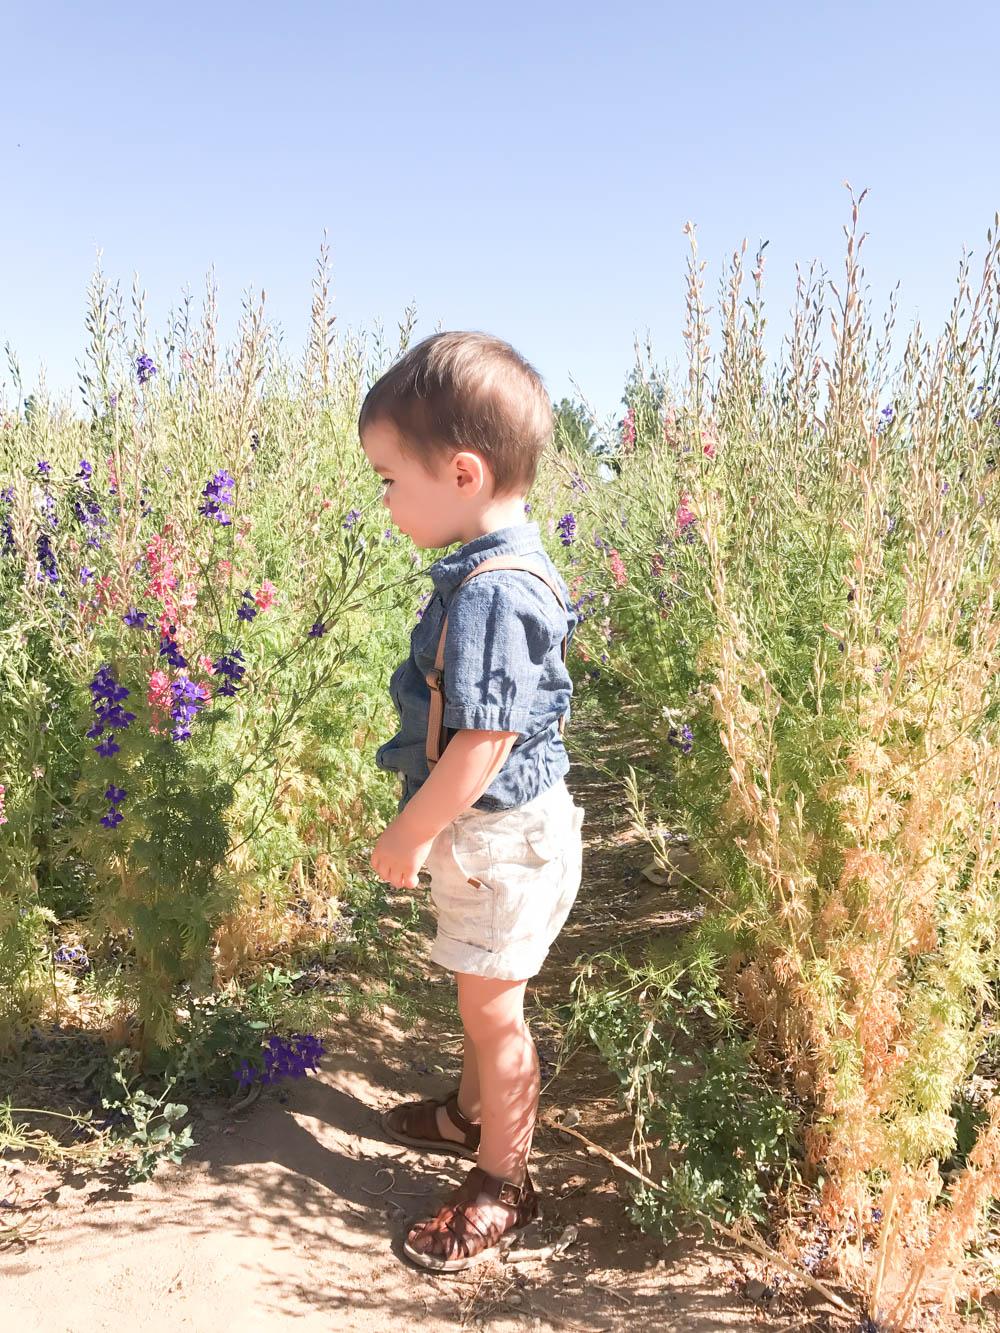 Schnepf Farms Peach Festival | Queen Creek AZ | Mother's Day | Peach Farm